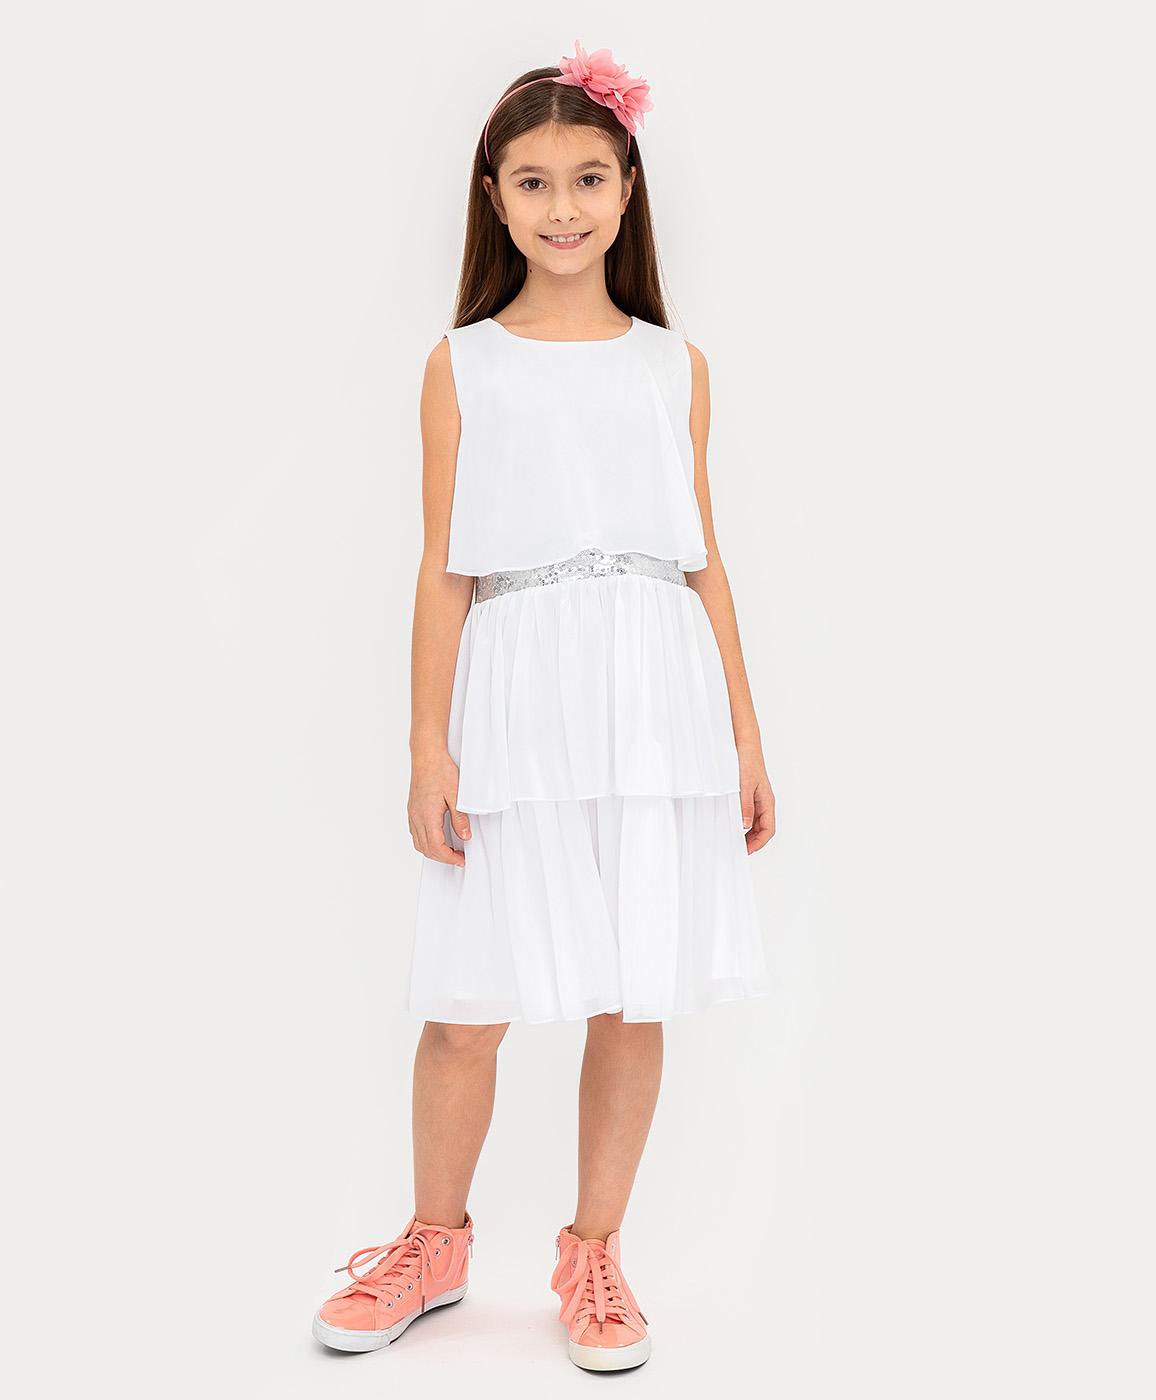 Купить 120BBGP25021400, Нарядное платье молочного цвета Button Blue, белый, 104, Женский, ВЕСНА/ЛЕТО 2020 (shop: GulliverMarket Gulliver Market)